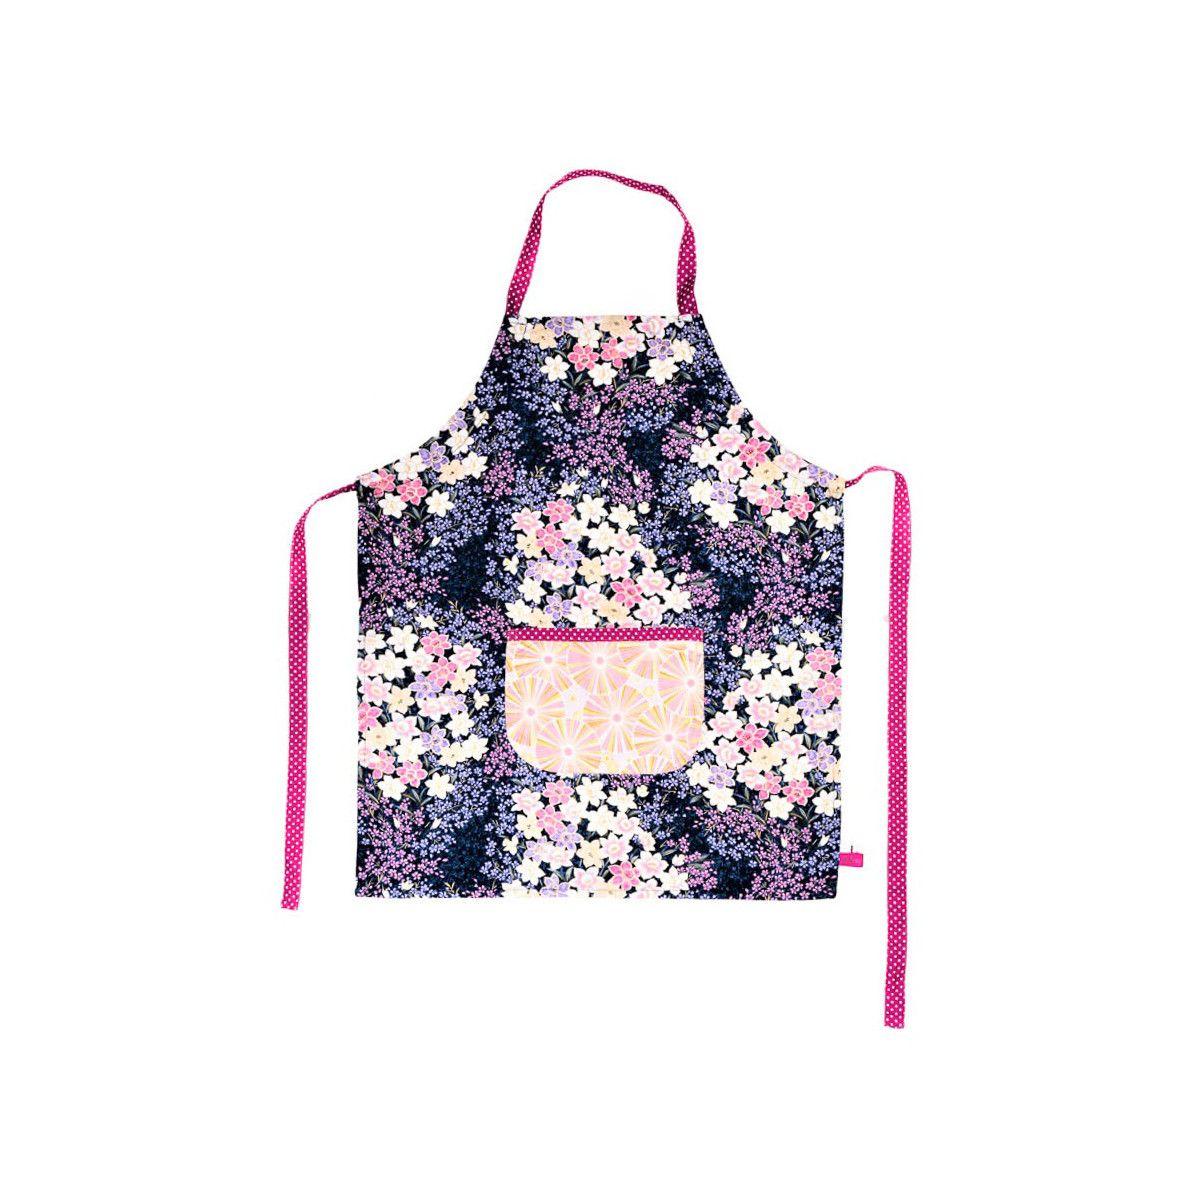 Tablier de cuisine enfant réversible rose et violet à fleurs